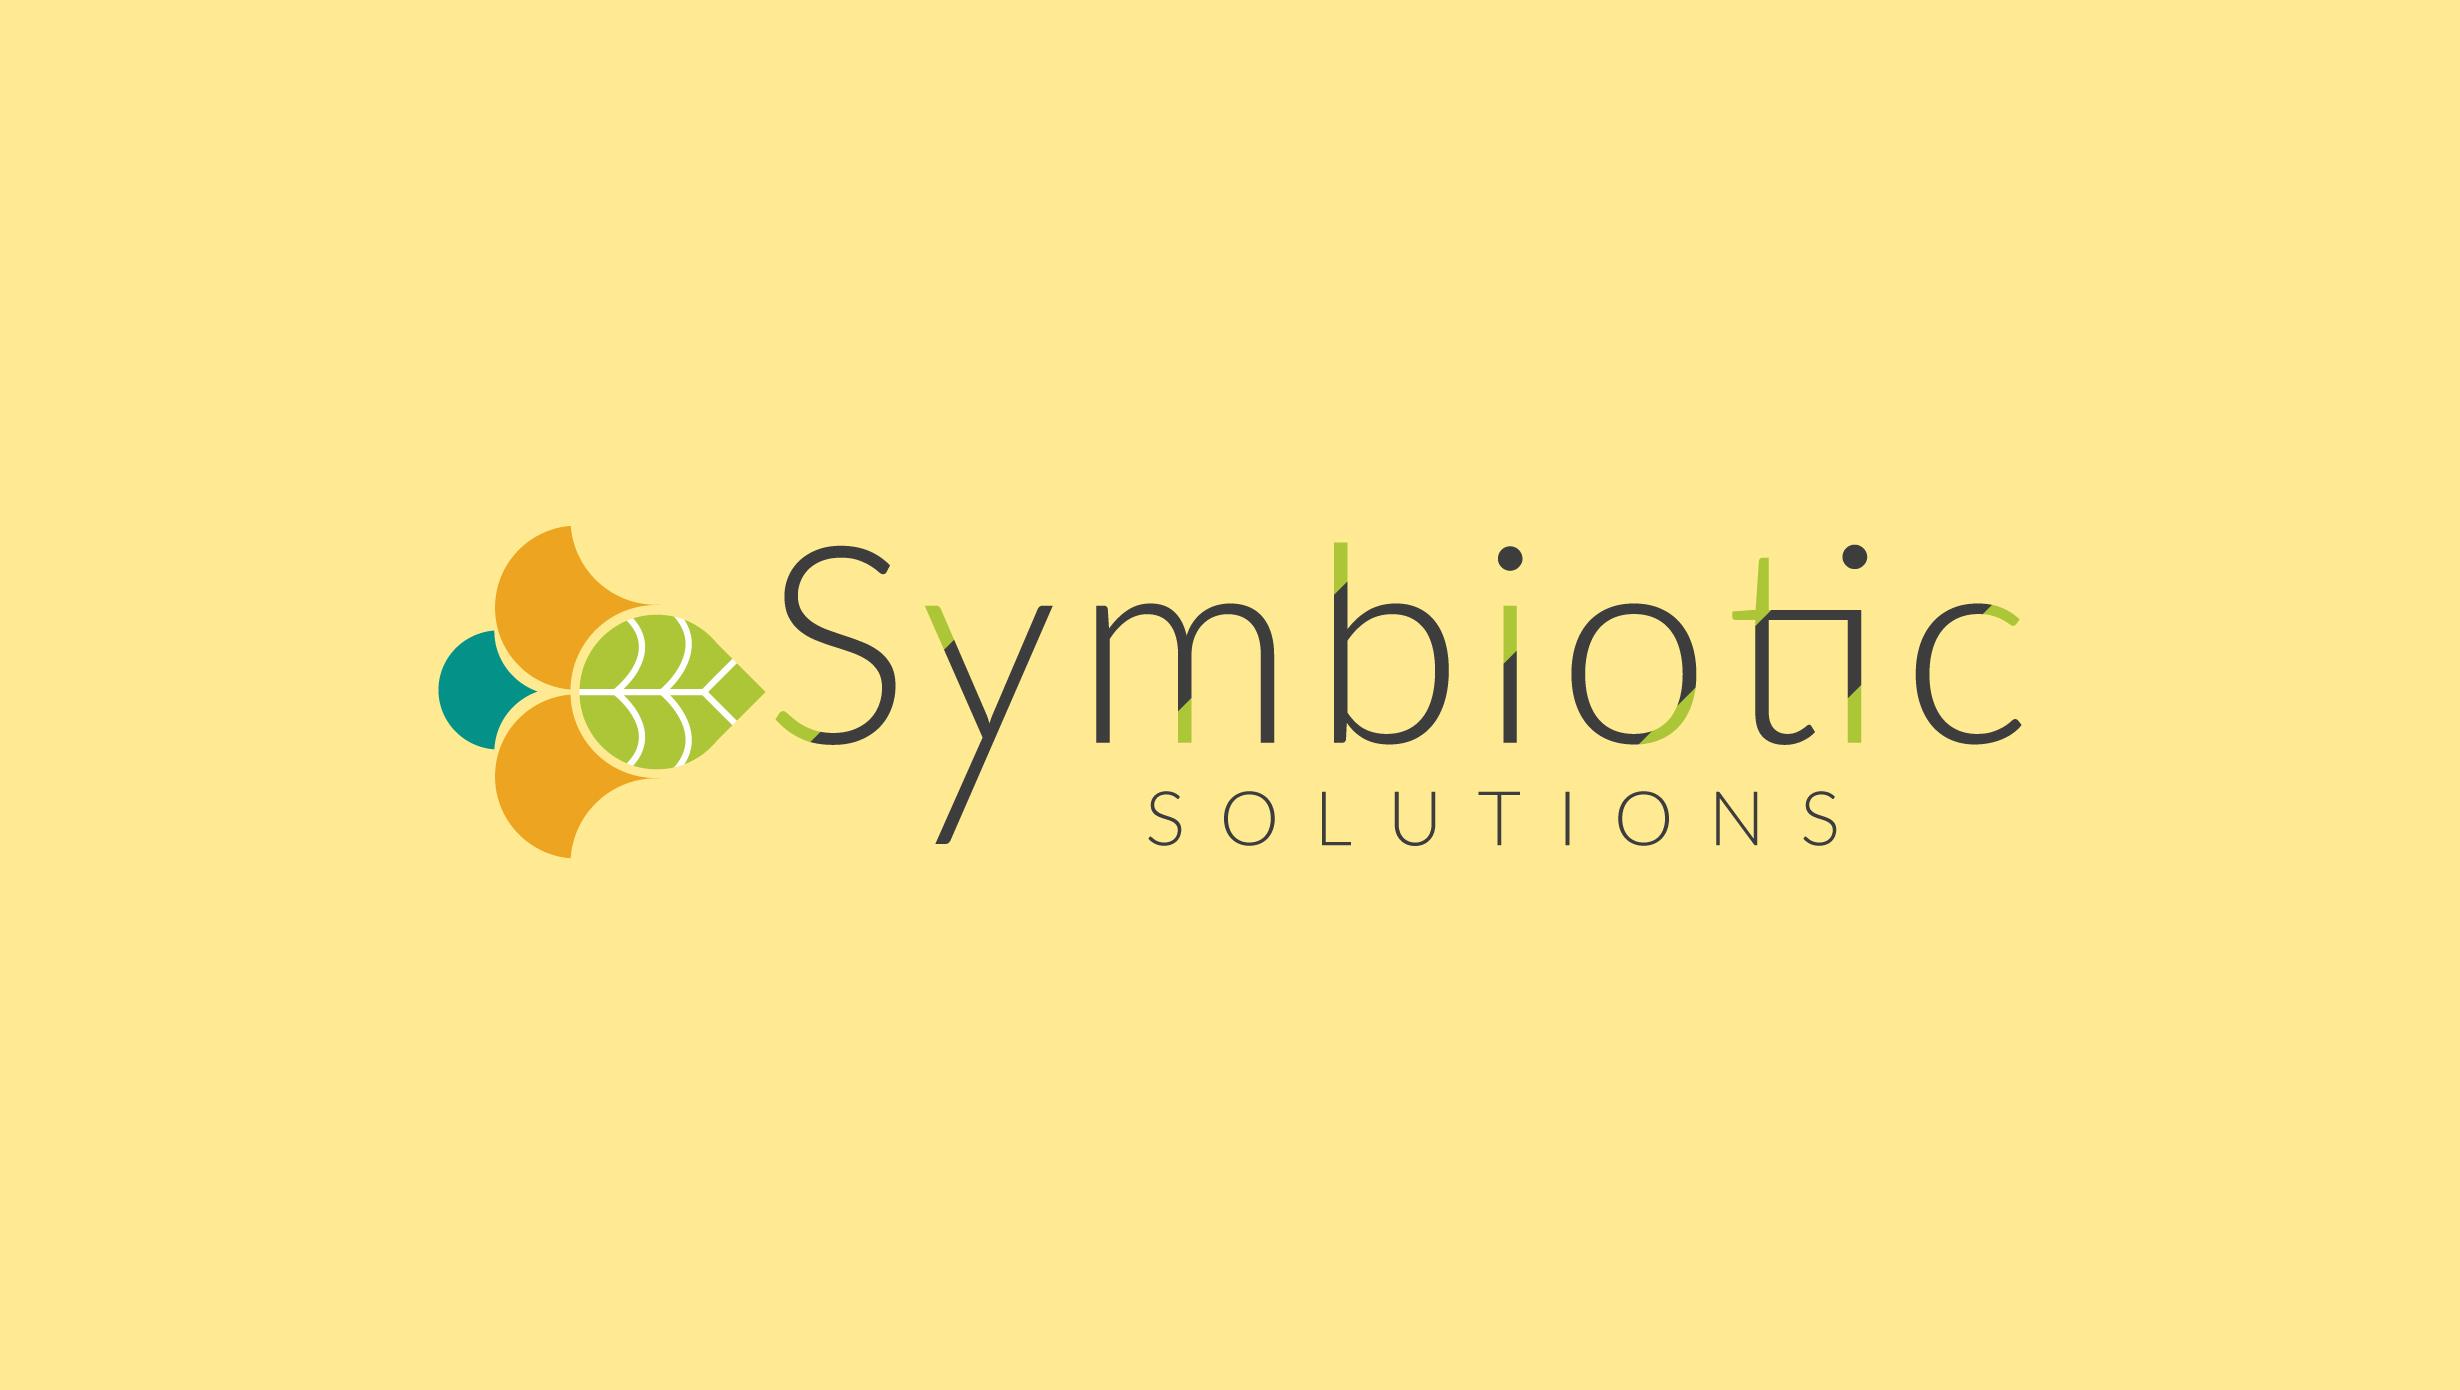 Symbiotic Solutions Logo Design